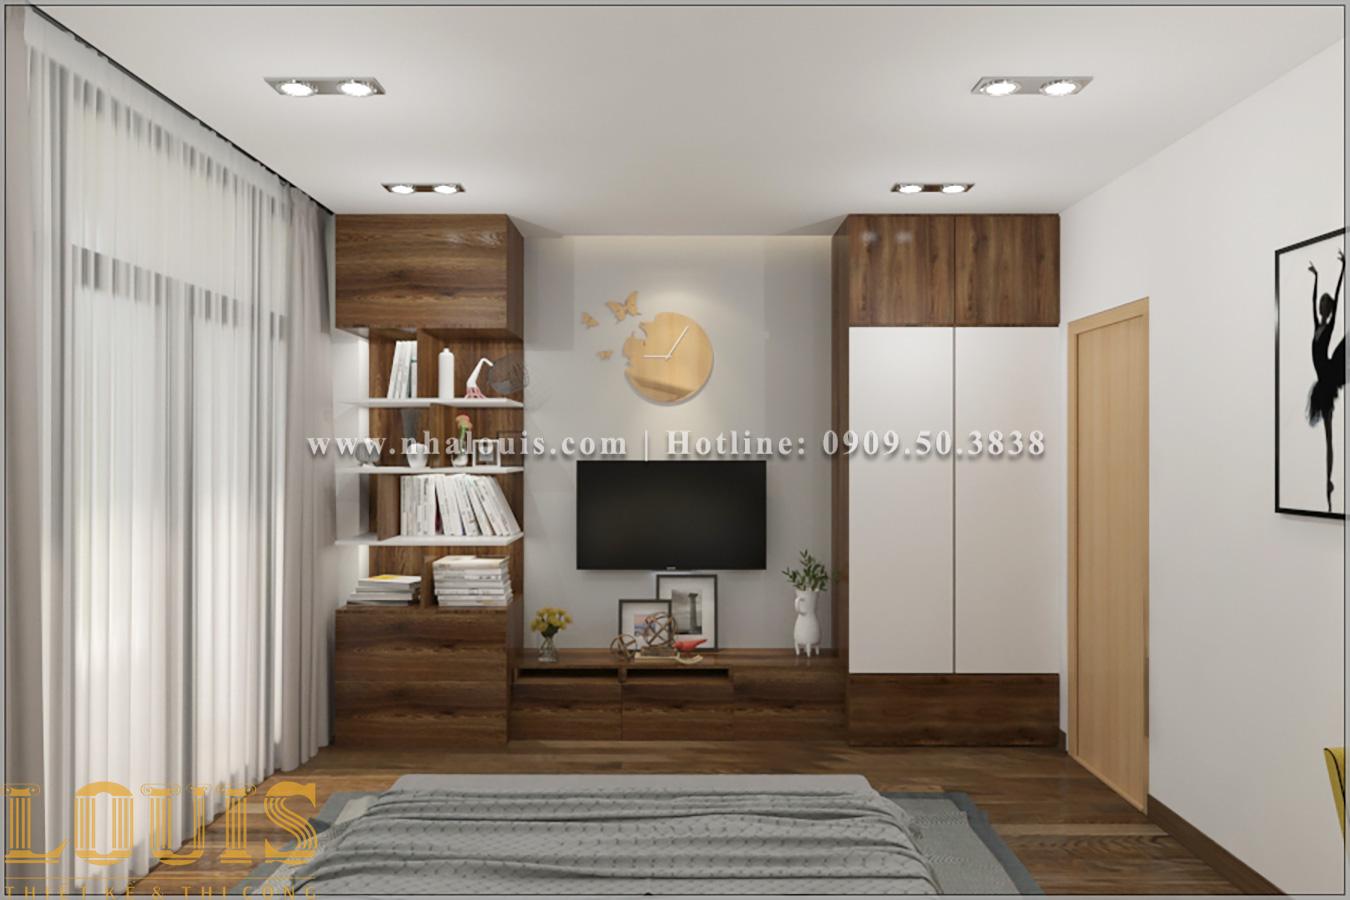 Phòng ngủ Mẫu nhà ống 3 tầng đẹp tại Long An thiết kế theo xu hướng mới - 13